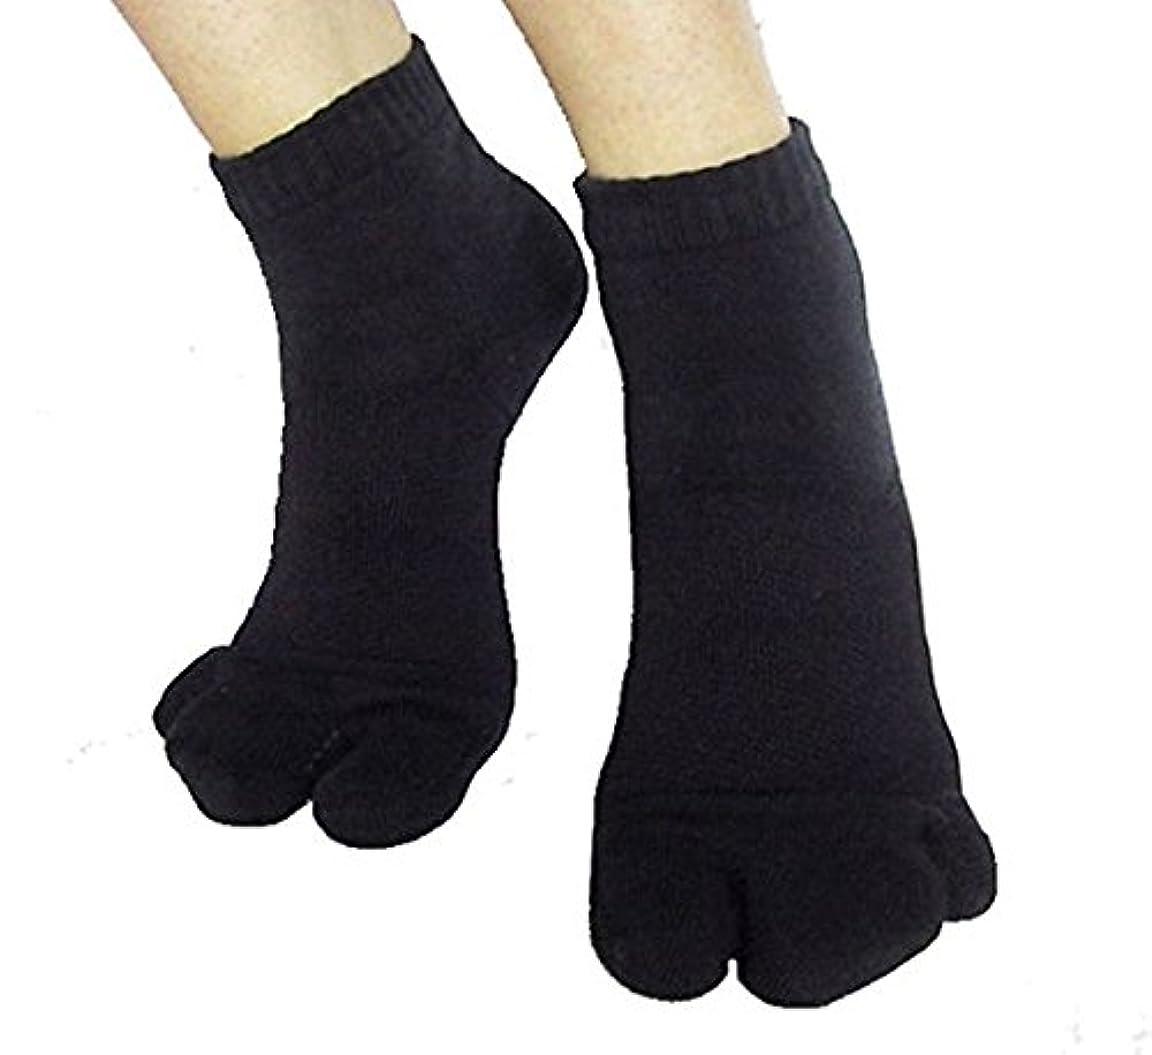 不適赤面タップカサハラ式サポーターソックス3本指靴下 (M(23.5-24.5))